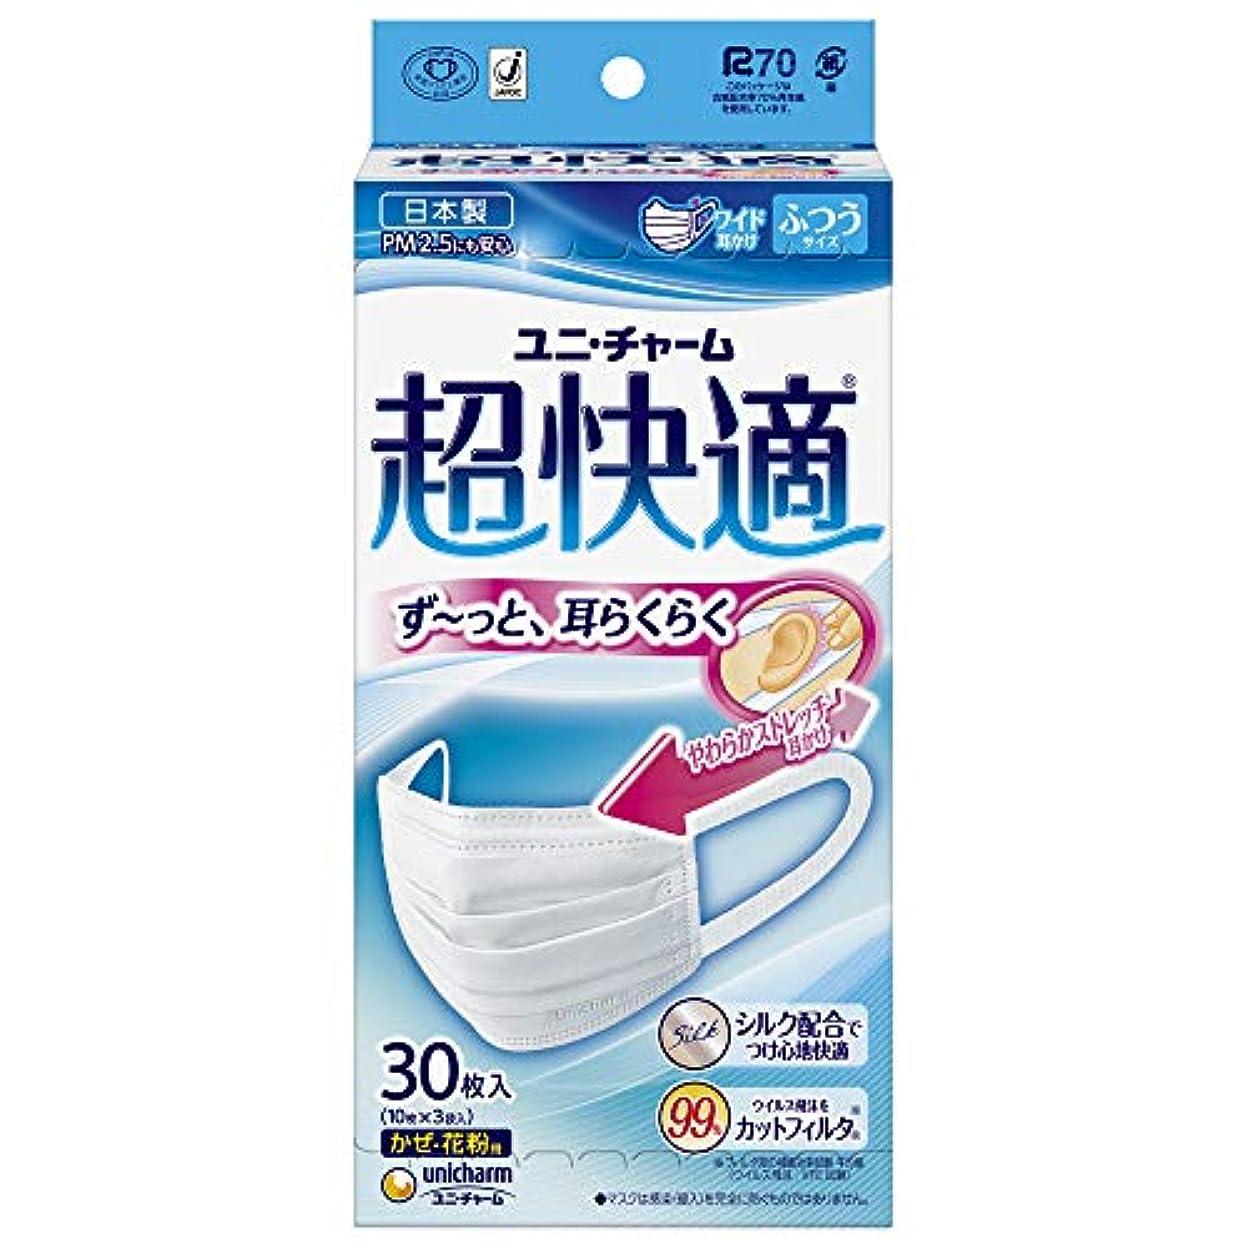 自殺緑リーガン(日本製 PM2.5対応)超快適マスク プリ-ツタイプ ふつう 30枚入(unicharm)